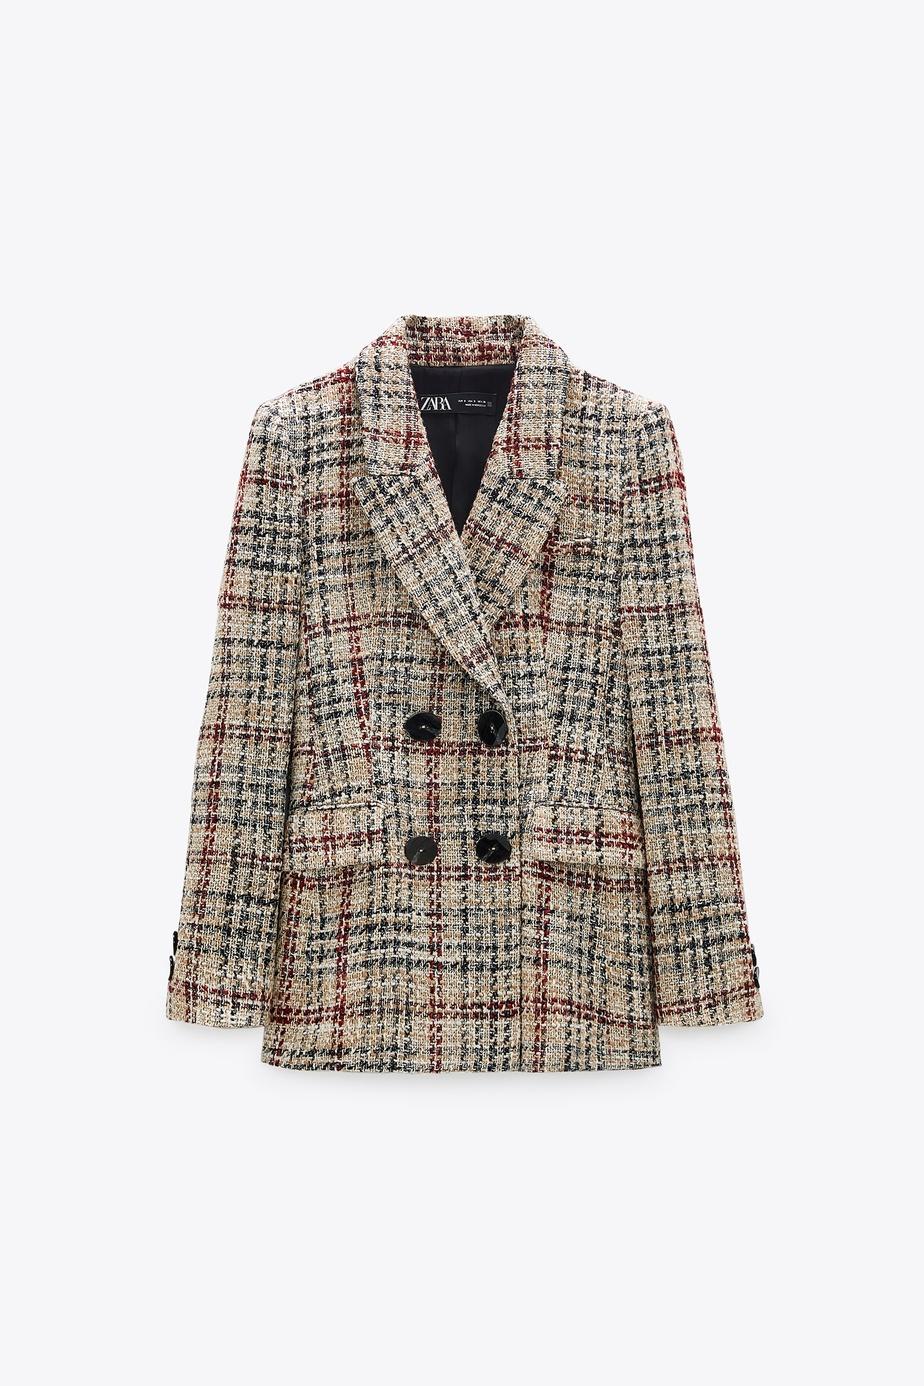 Veston avec col à revers et fermeture à boutonnage croisé, Zara, 119$.